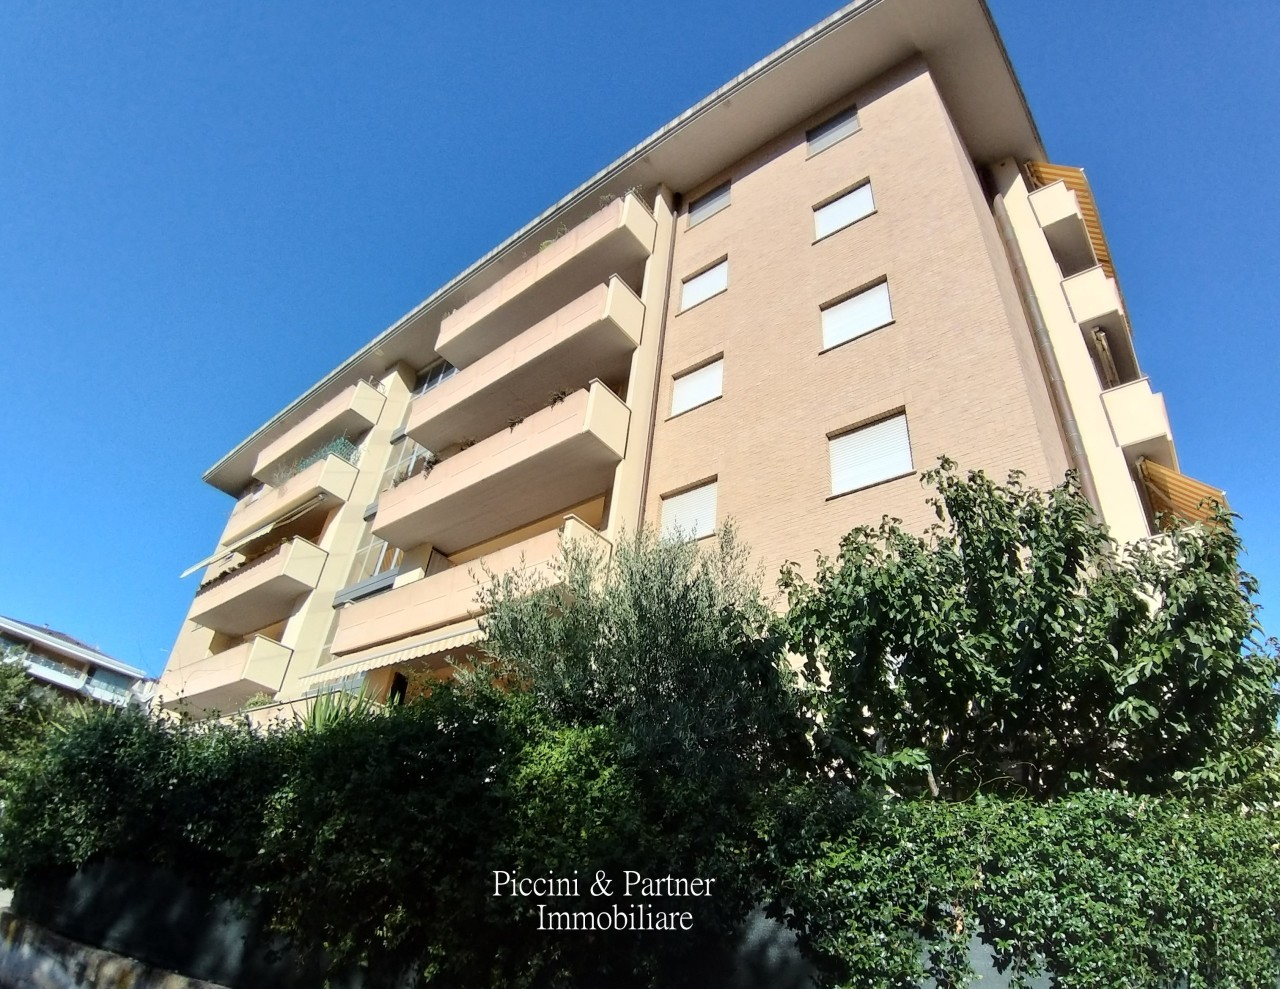 Appartamento in vendita a Corciano, 3 locali, prezzo € 173.000 | PortaleAgenzieImmobiliari.it